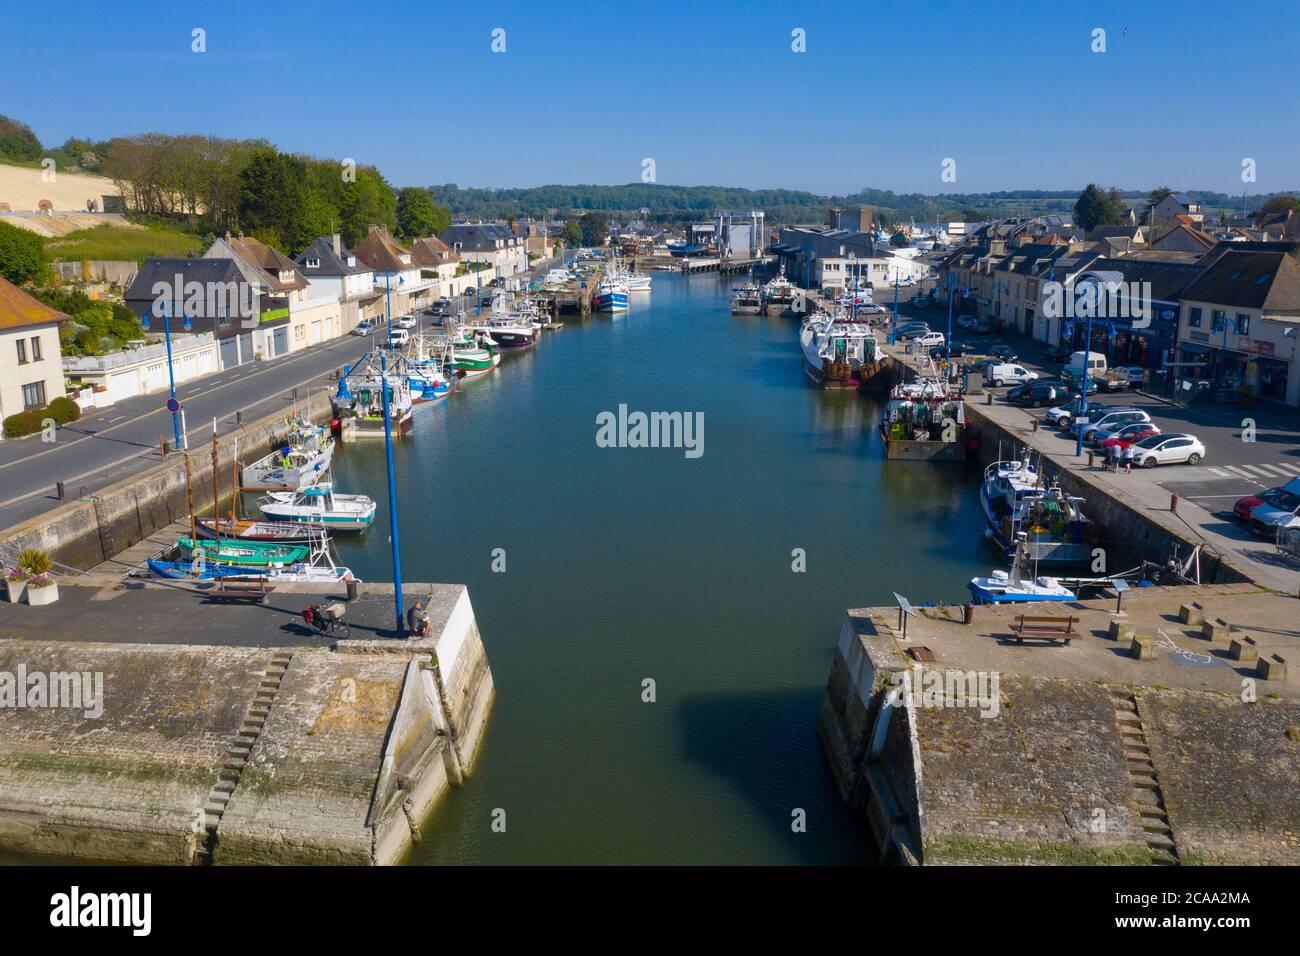 Veduta aerea della città di Port-en-Bessin e del suo porto. Port-en-Bessin è un comune del dipartimento del Calvados nella regione di basse-Normandie nel nord Foto Stock